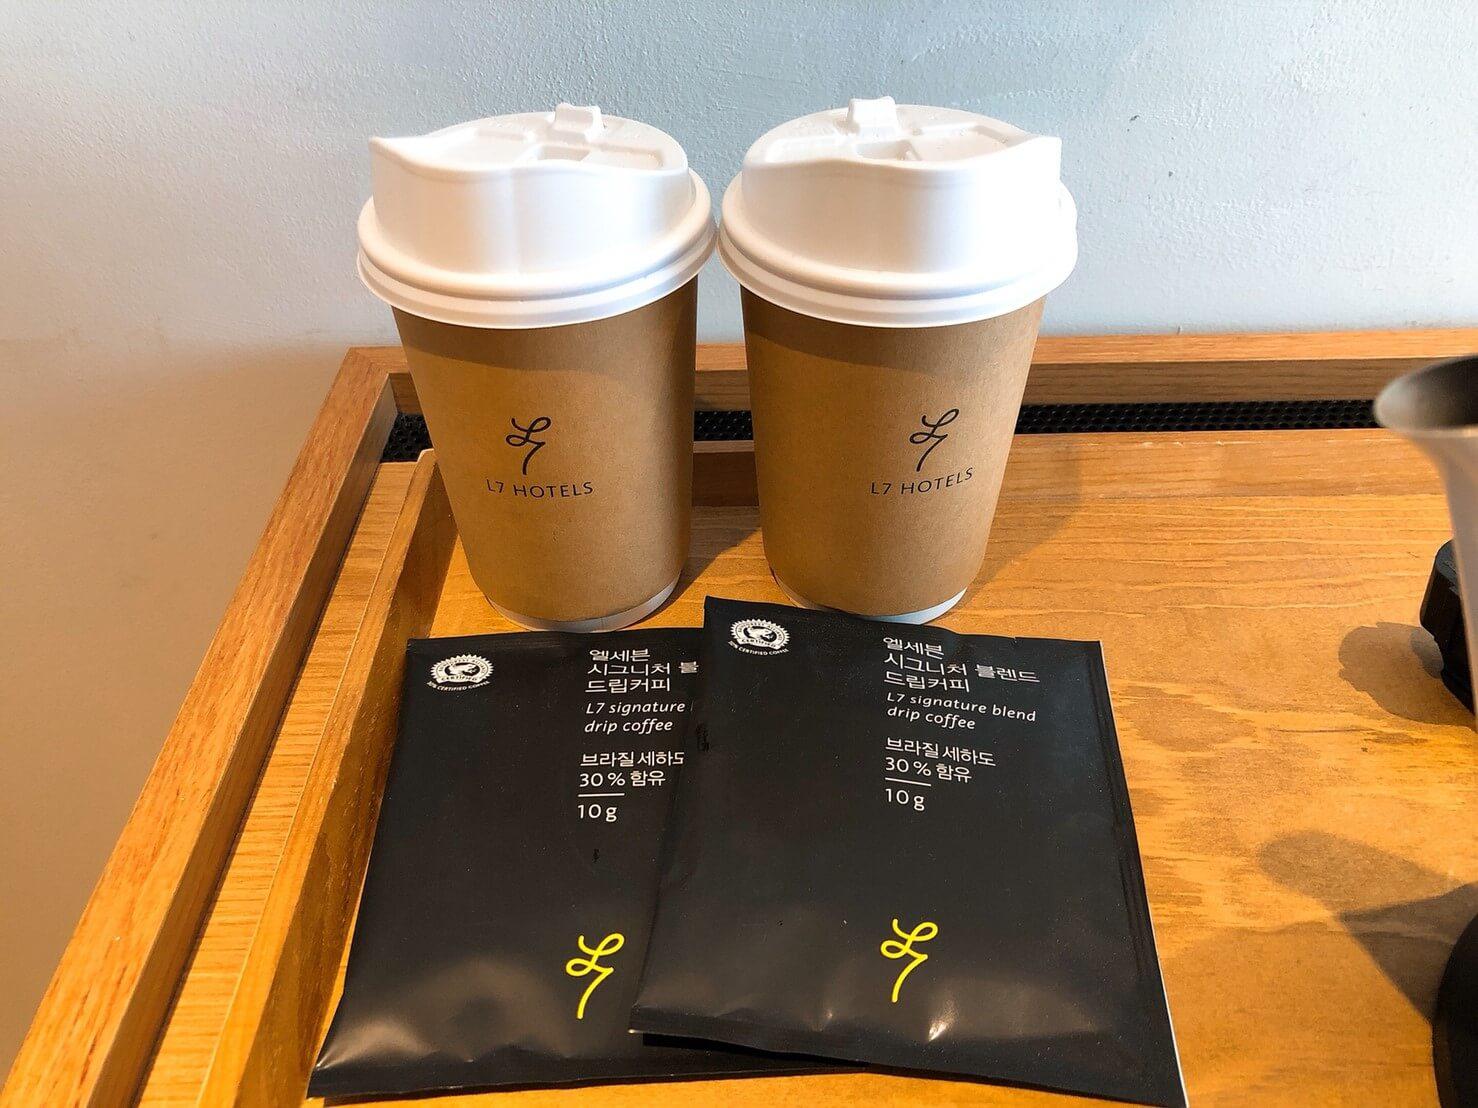 首爾住宿推薦_弘大L7樂天飯店好評介紹_附濾掛式咖啡